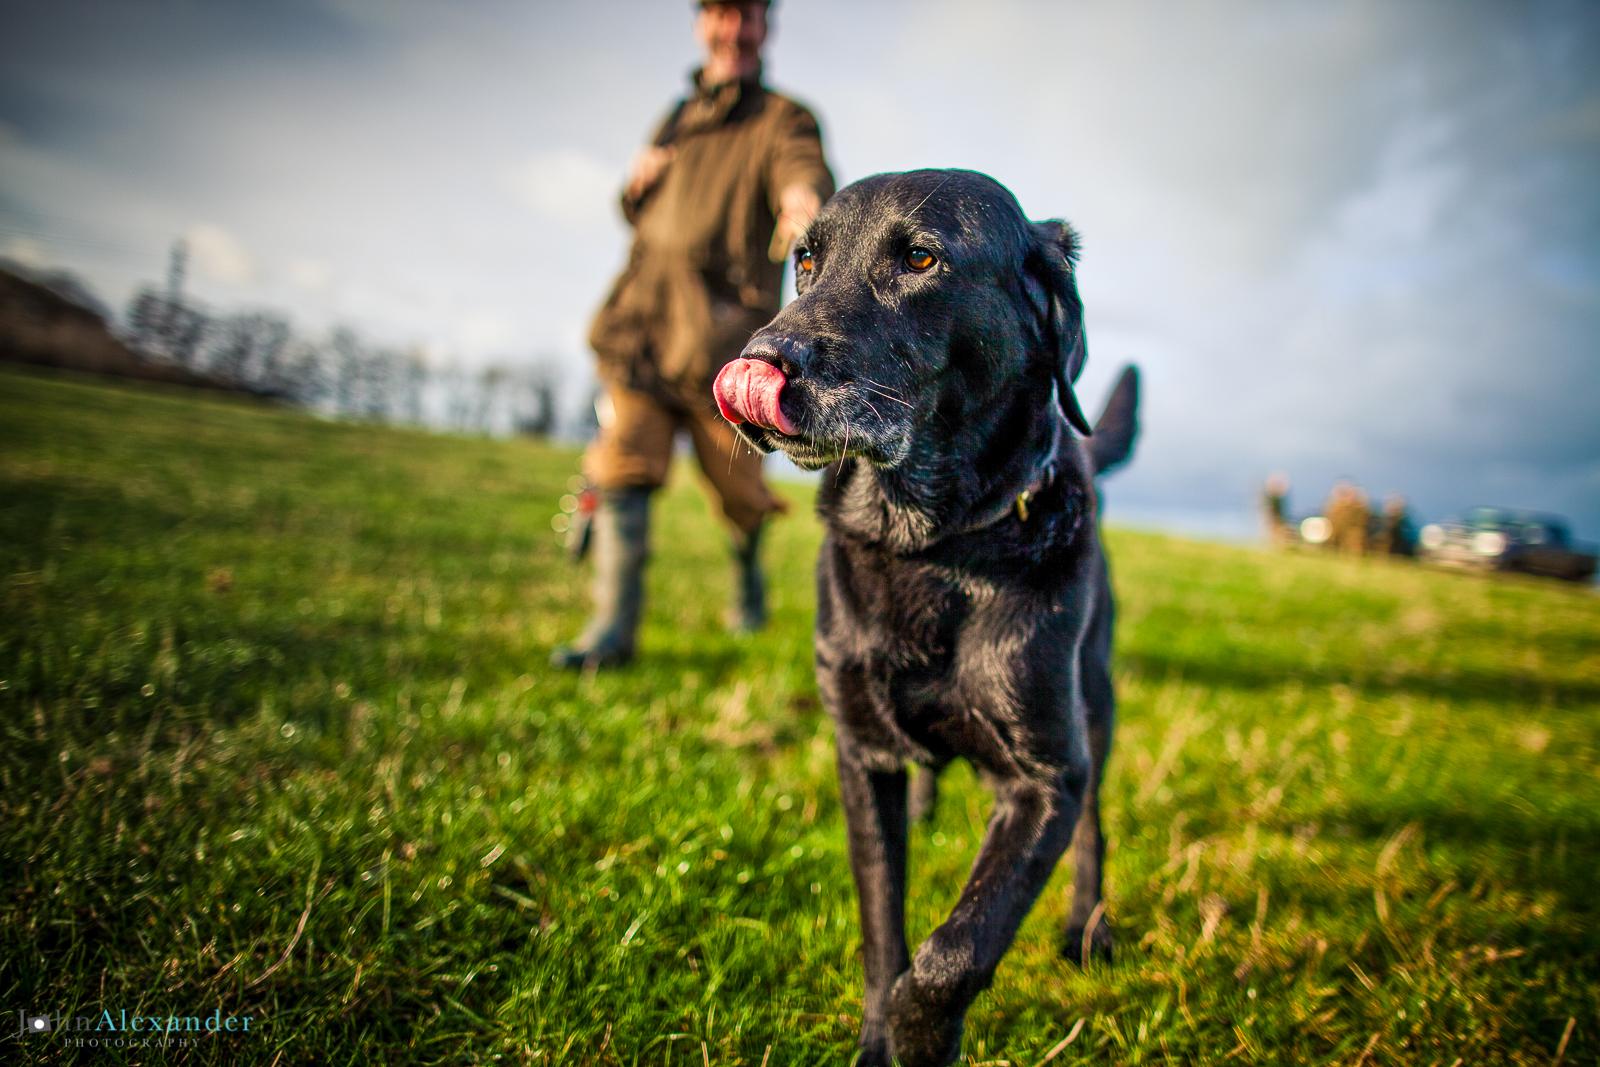 black labrador gun dog  with gun in the background